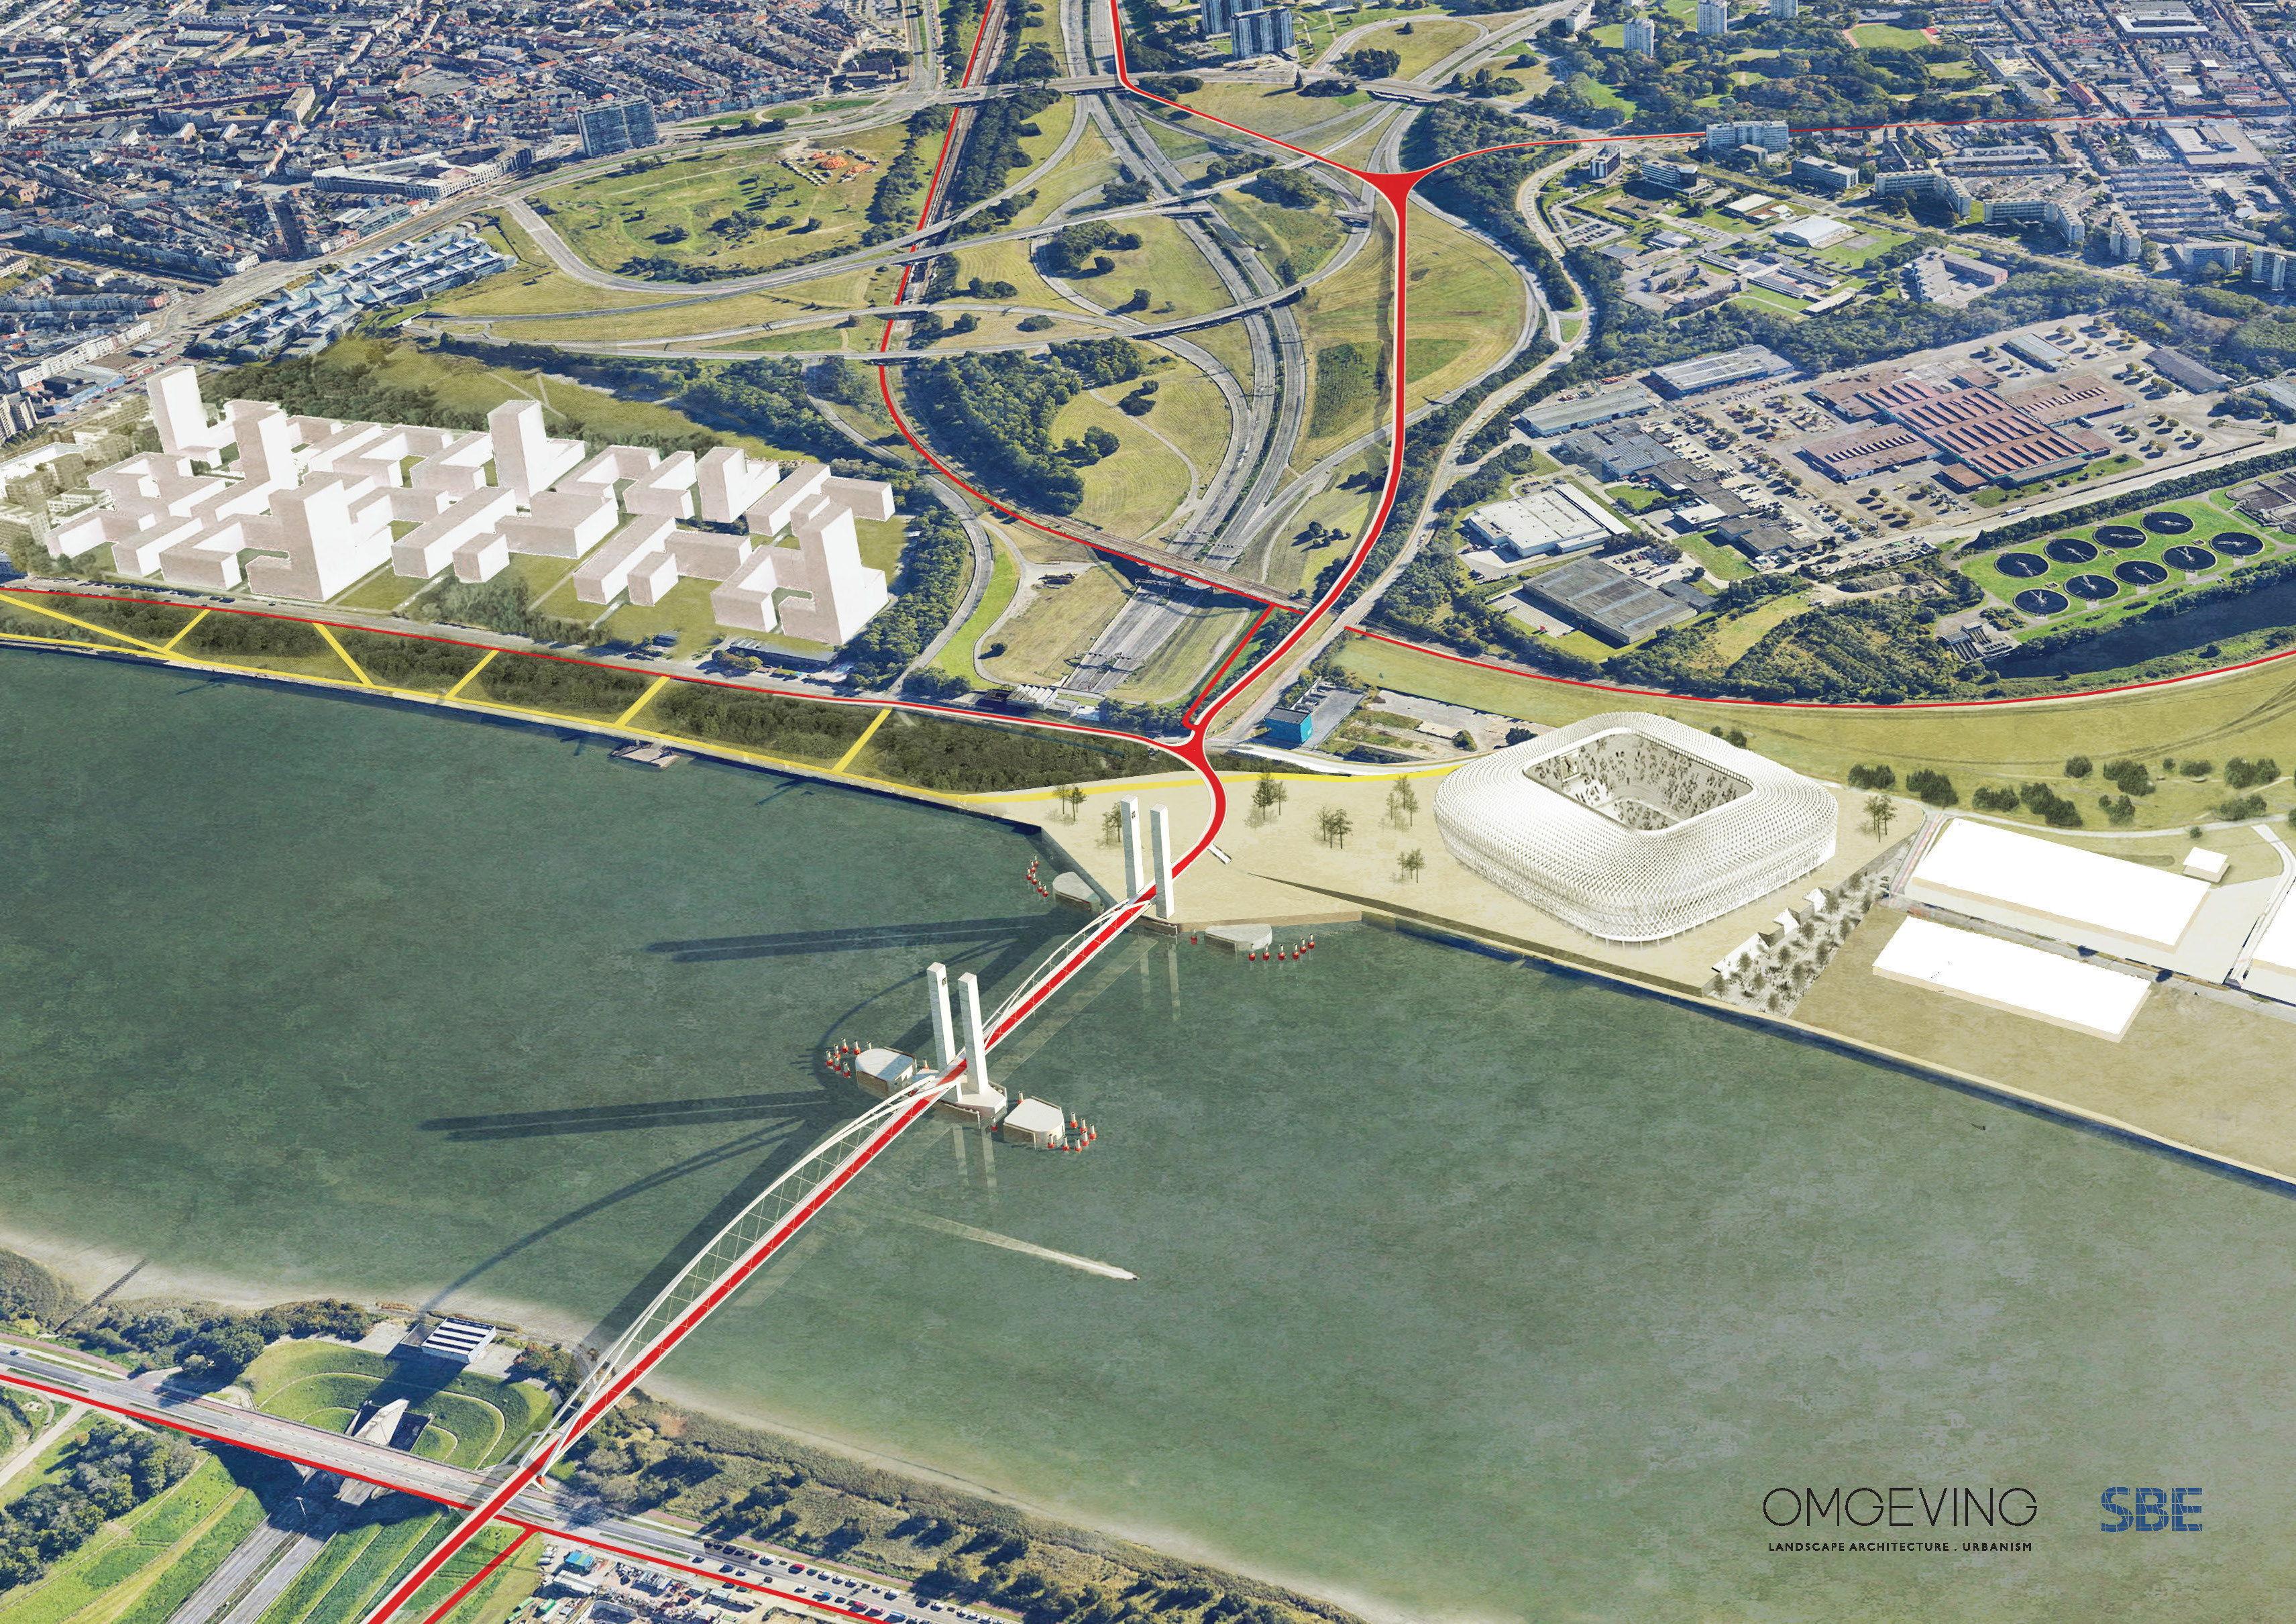 Richtinggevend ontwerp van de geplande fiets- en wandelbrug over de Schelde.